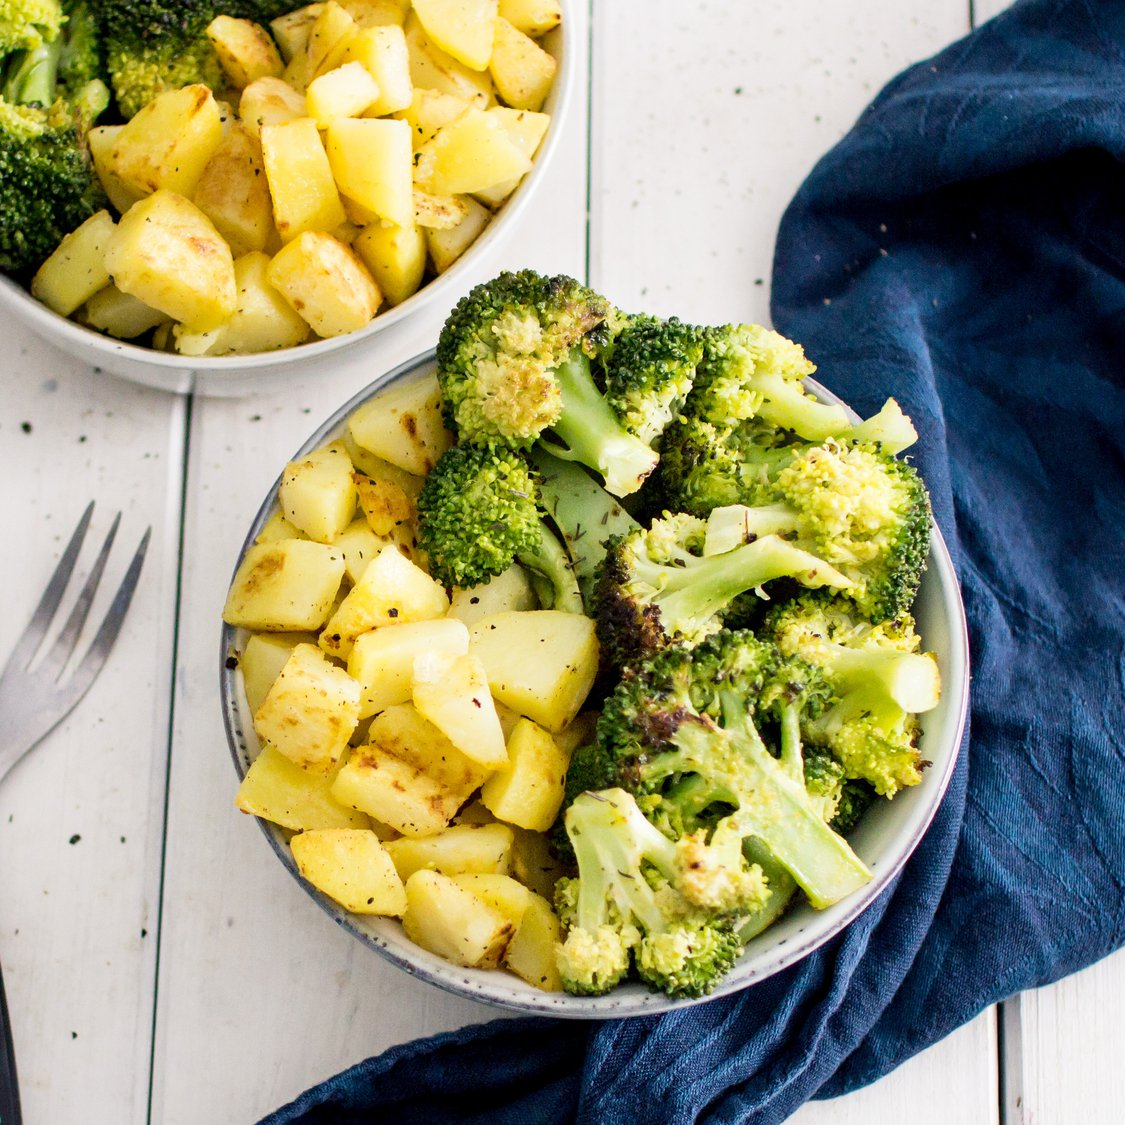 Bratkartoffelwürfel mit Brokkoli